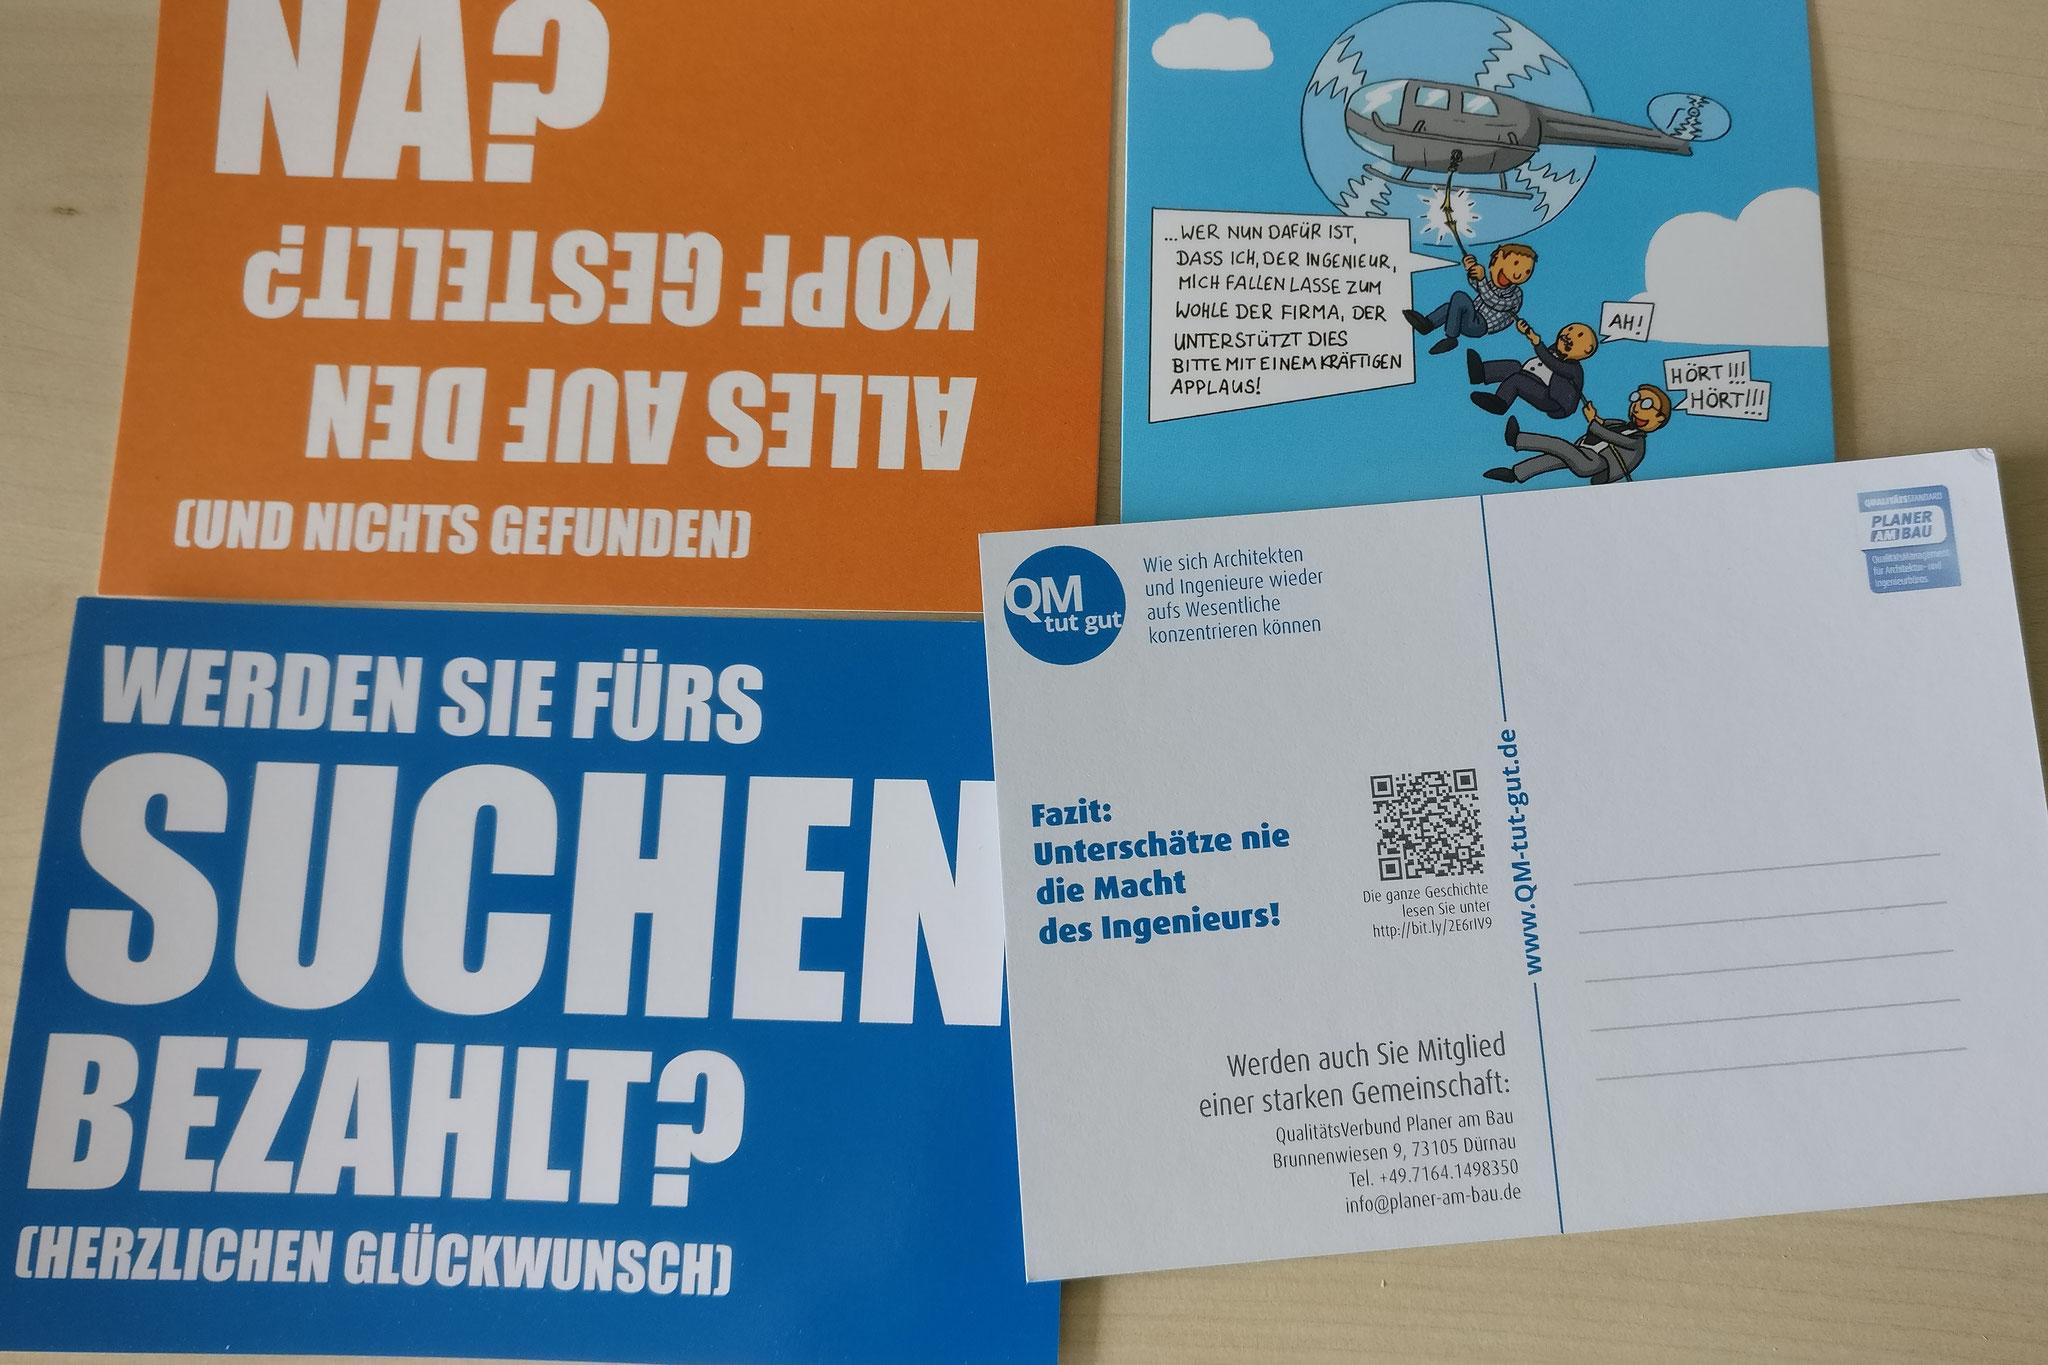 Postkarten-Mailing QualitätsVerbund Planer am Bau